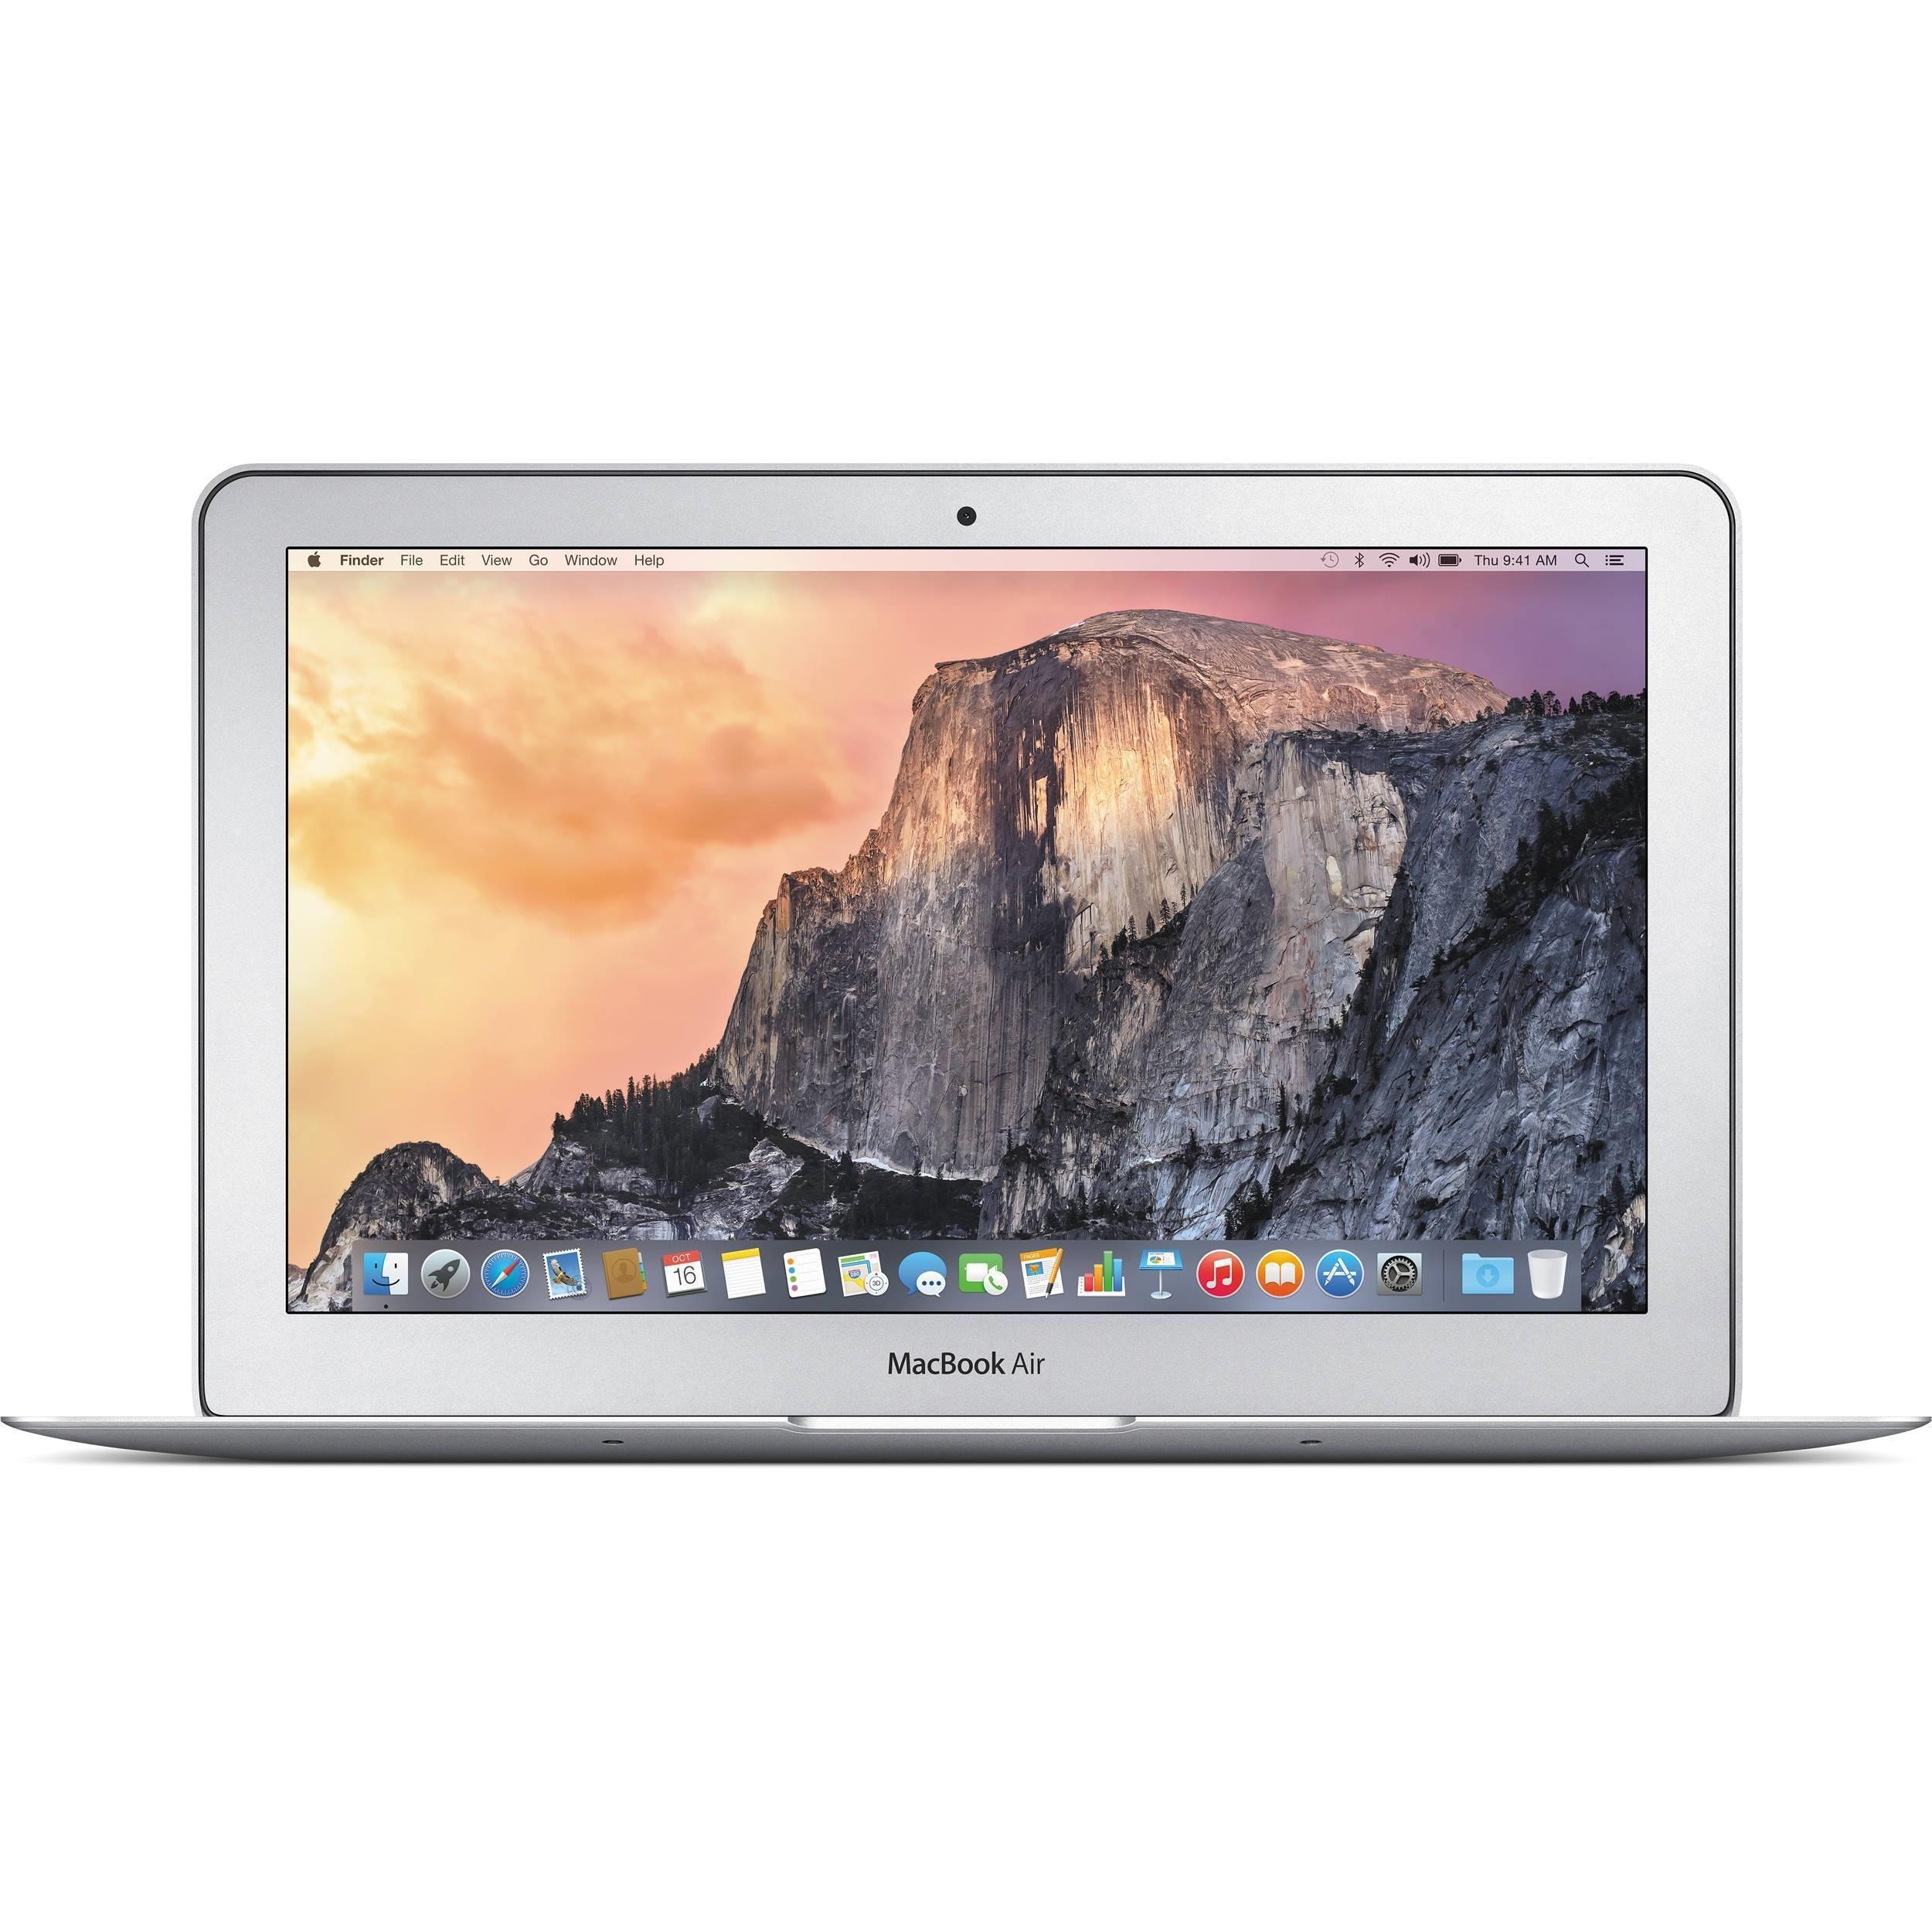 MacBook Air 11.6inch (2015) Core i5 4GB SSD 128 GB